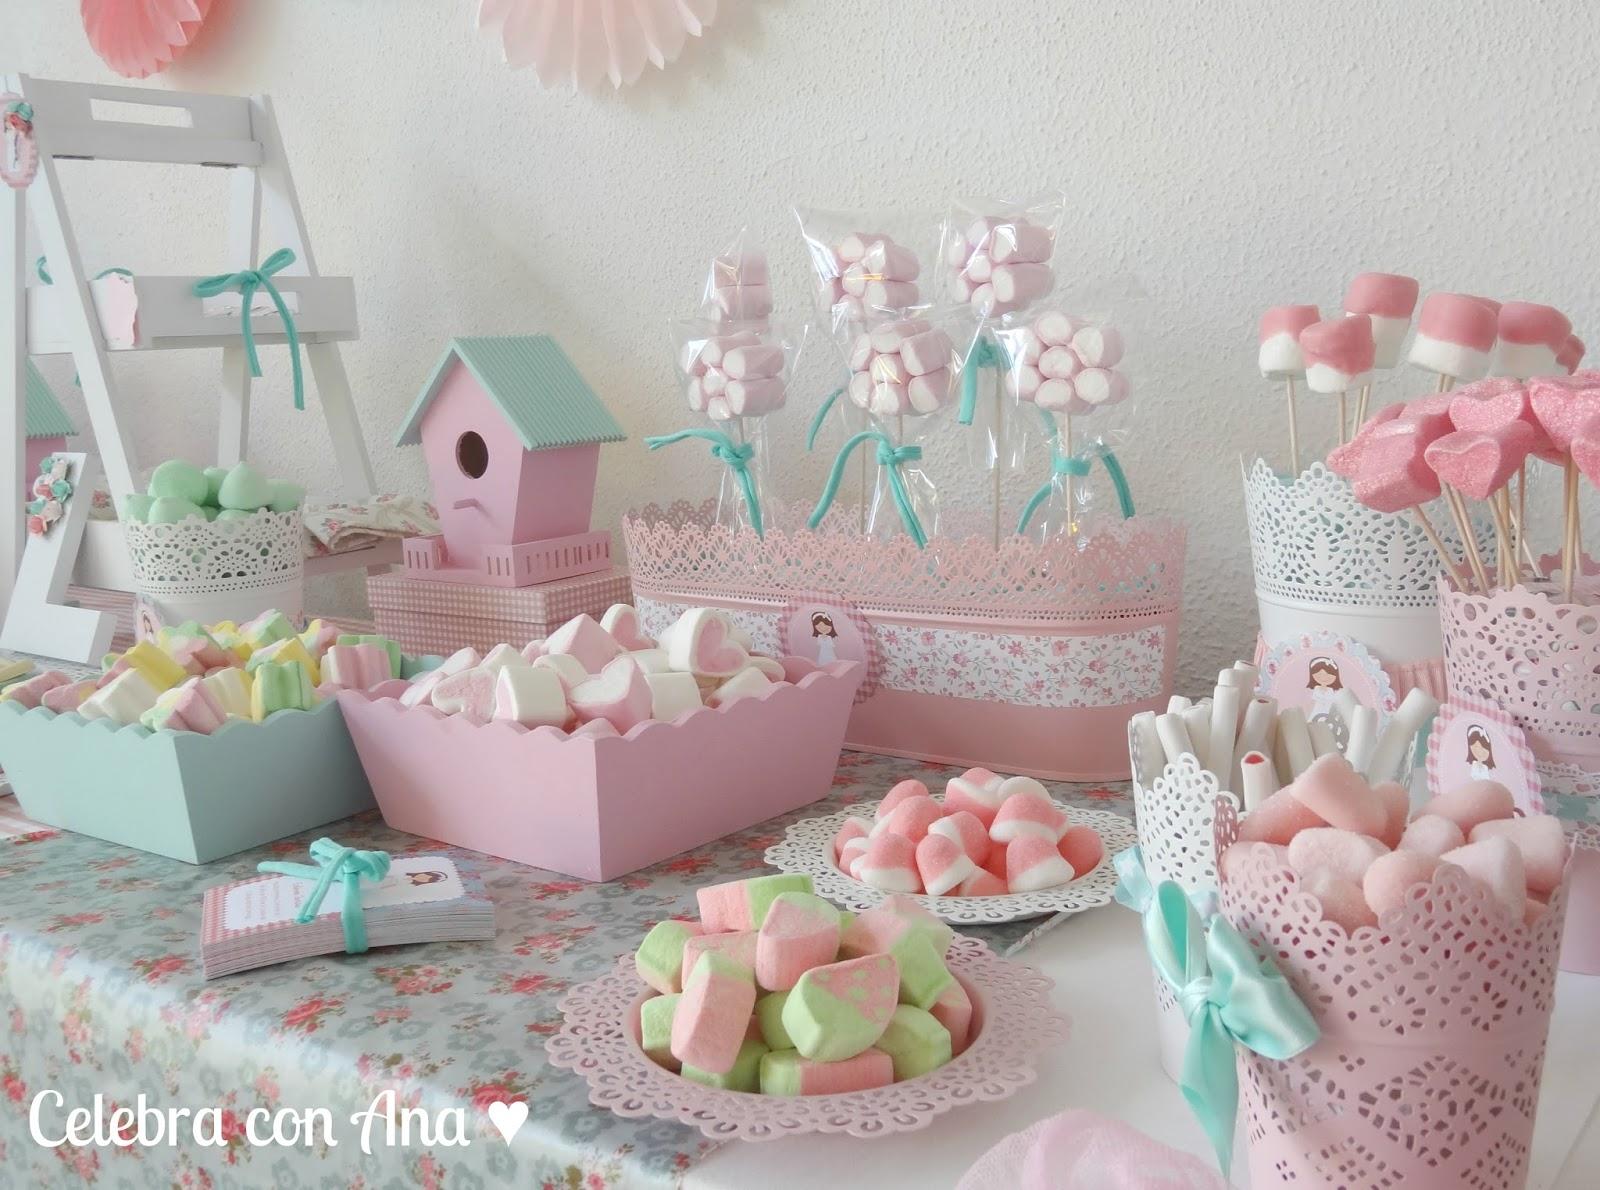 Celebra con ana fiestas y regalos personalizados - Mesas para comuniones ...